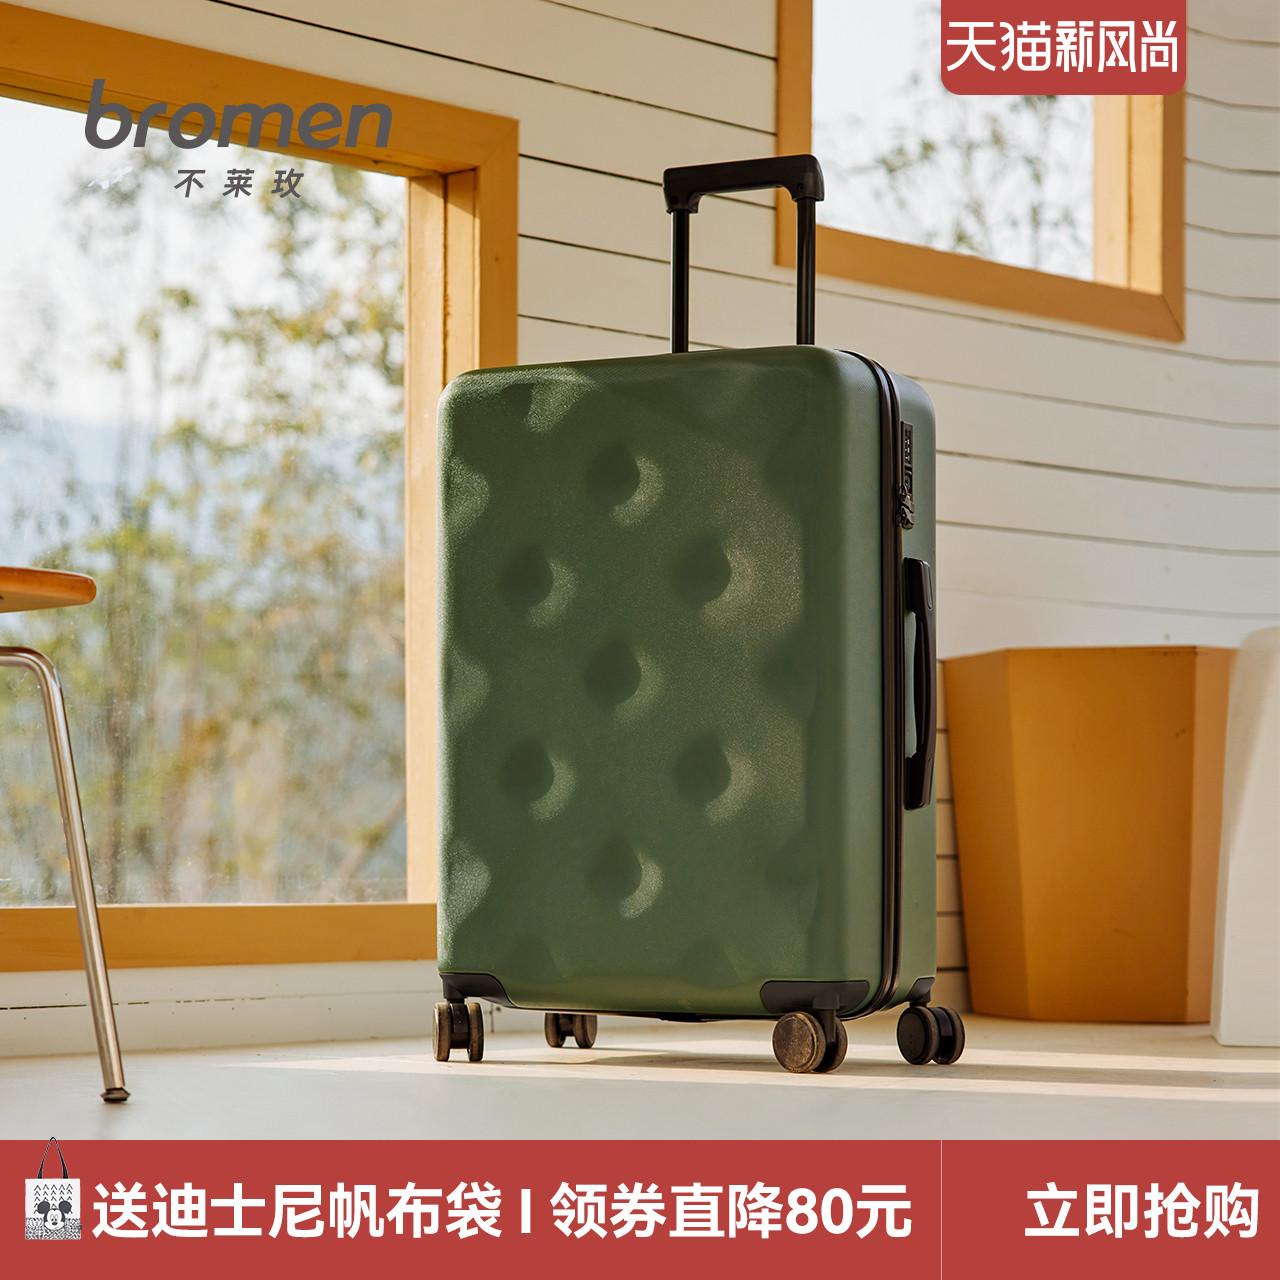 不莱玫行李箱女小皮箱大容静音万向轮轻便拉杆箱子旅行箱20寸登机